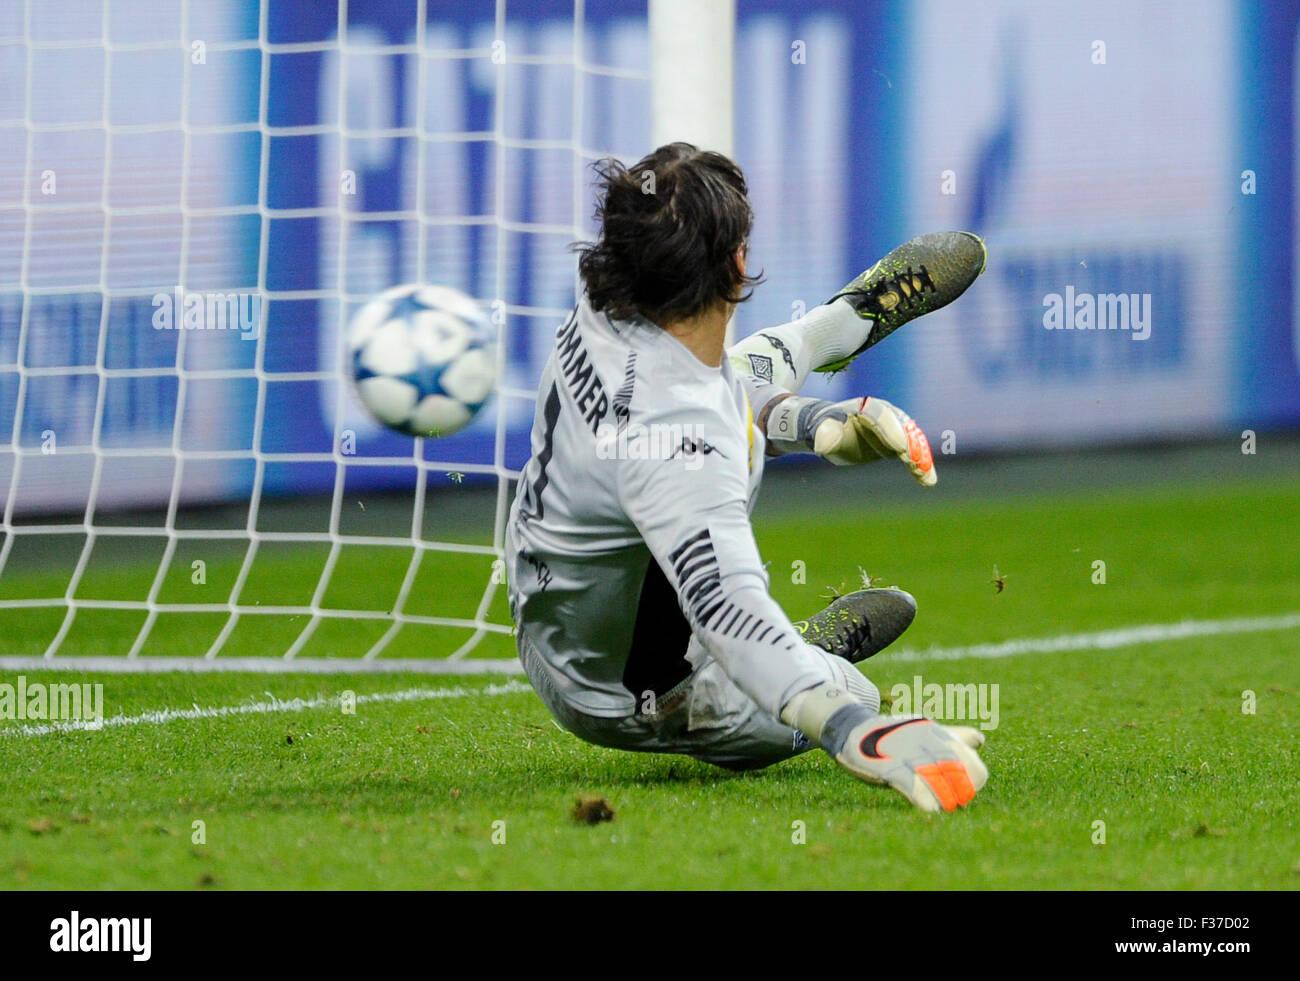 Mönchengladbach, Deutschland. 30. Sep, 2015. UEFA Champions League, 2015/16 Prliminary Runde, 2. Spieltag, Stockbild